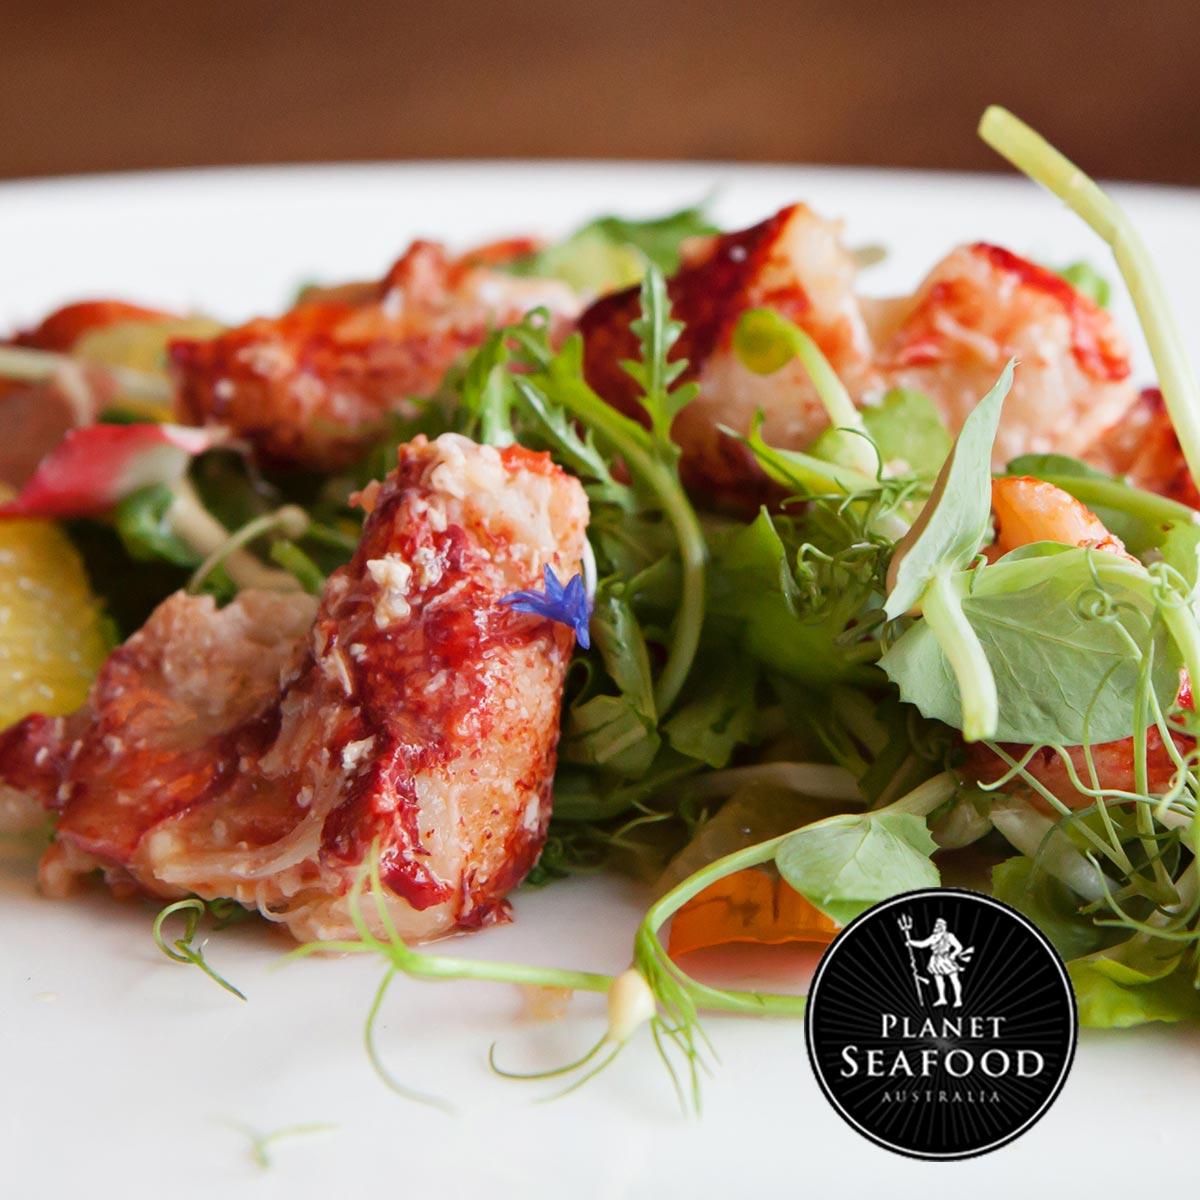 Planet Seafood Lobster Salad 379255760 Web